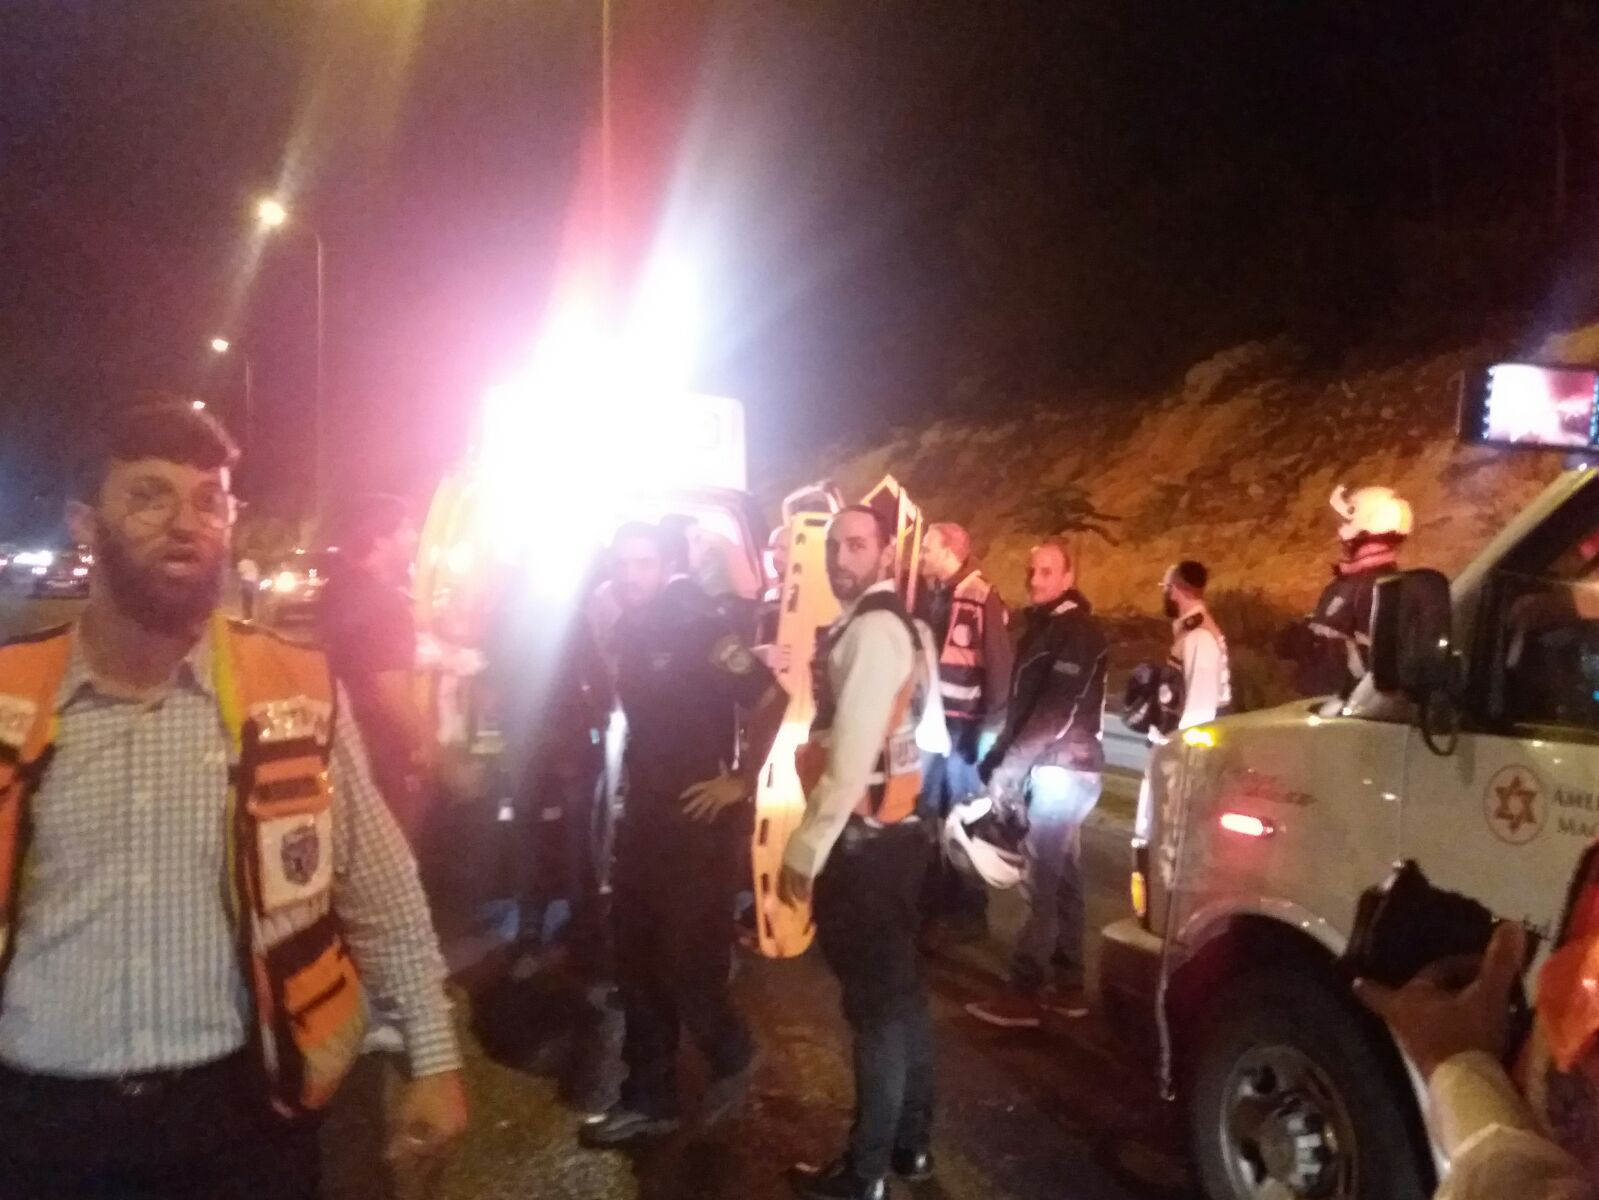 מרדף חם בכביש 1: גנב רכב פרץ מחסום ונורה